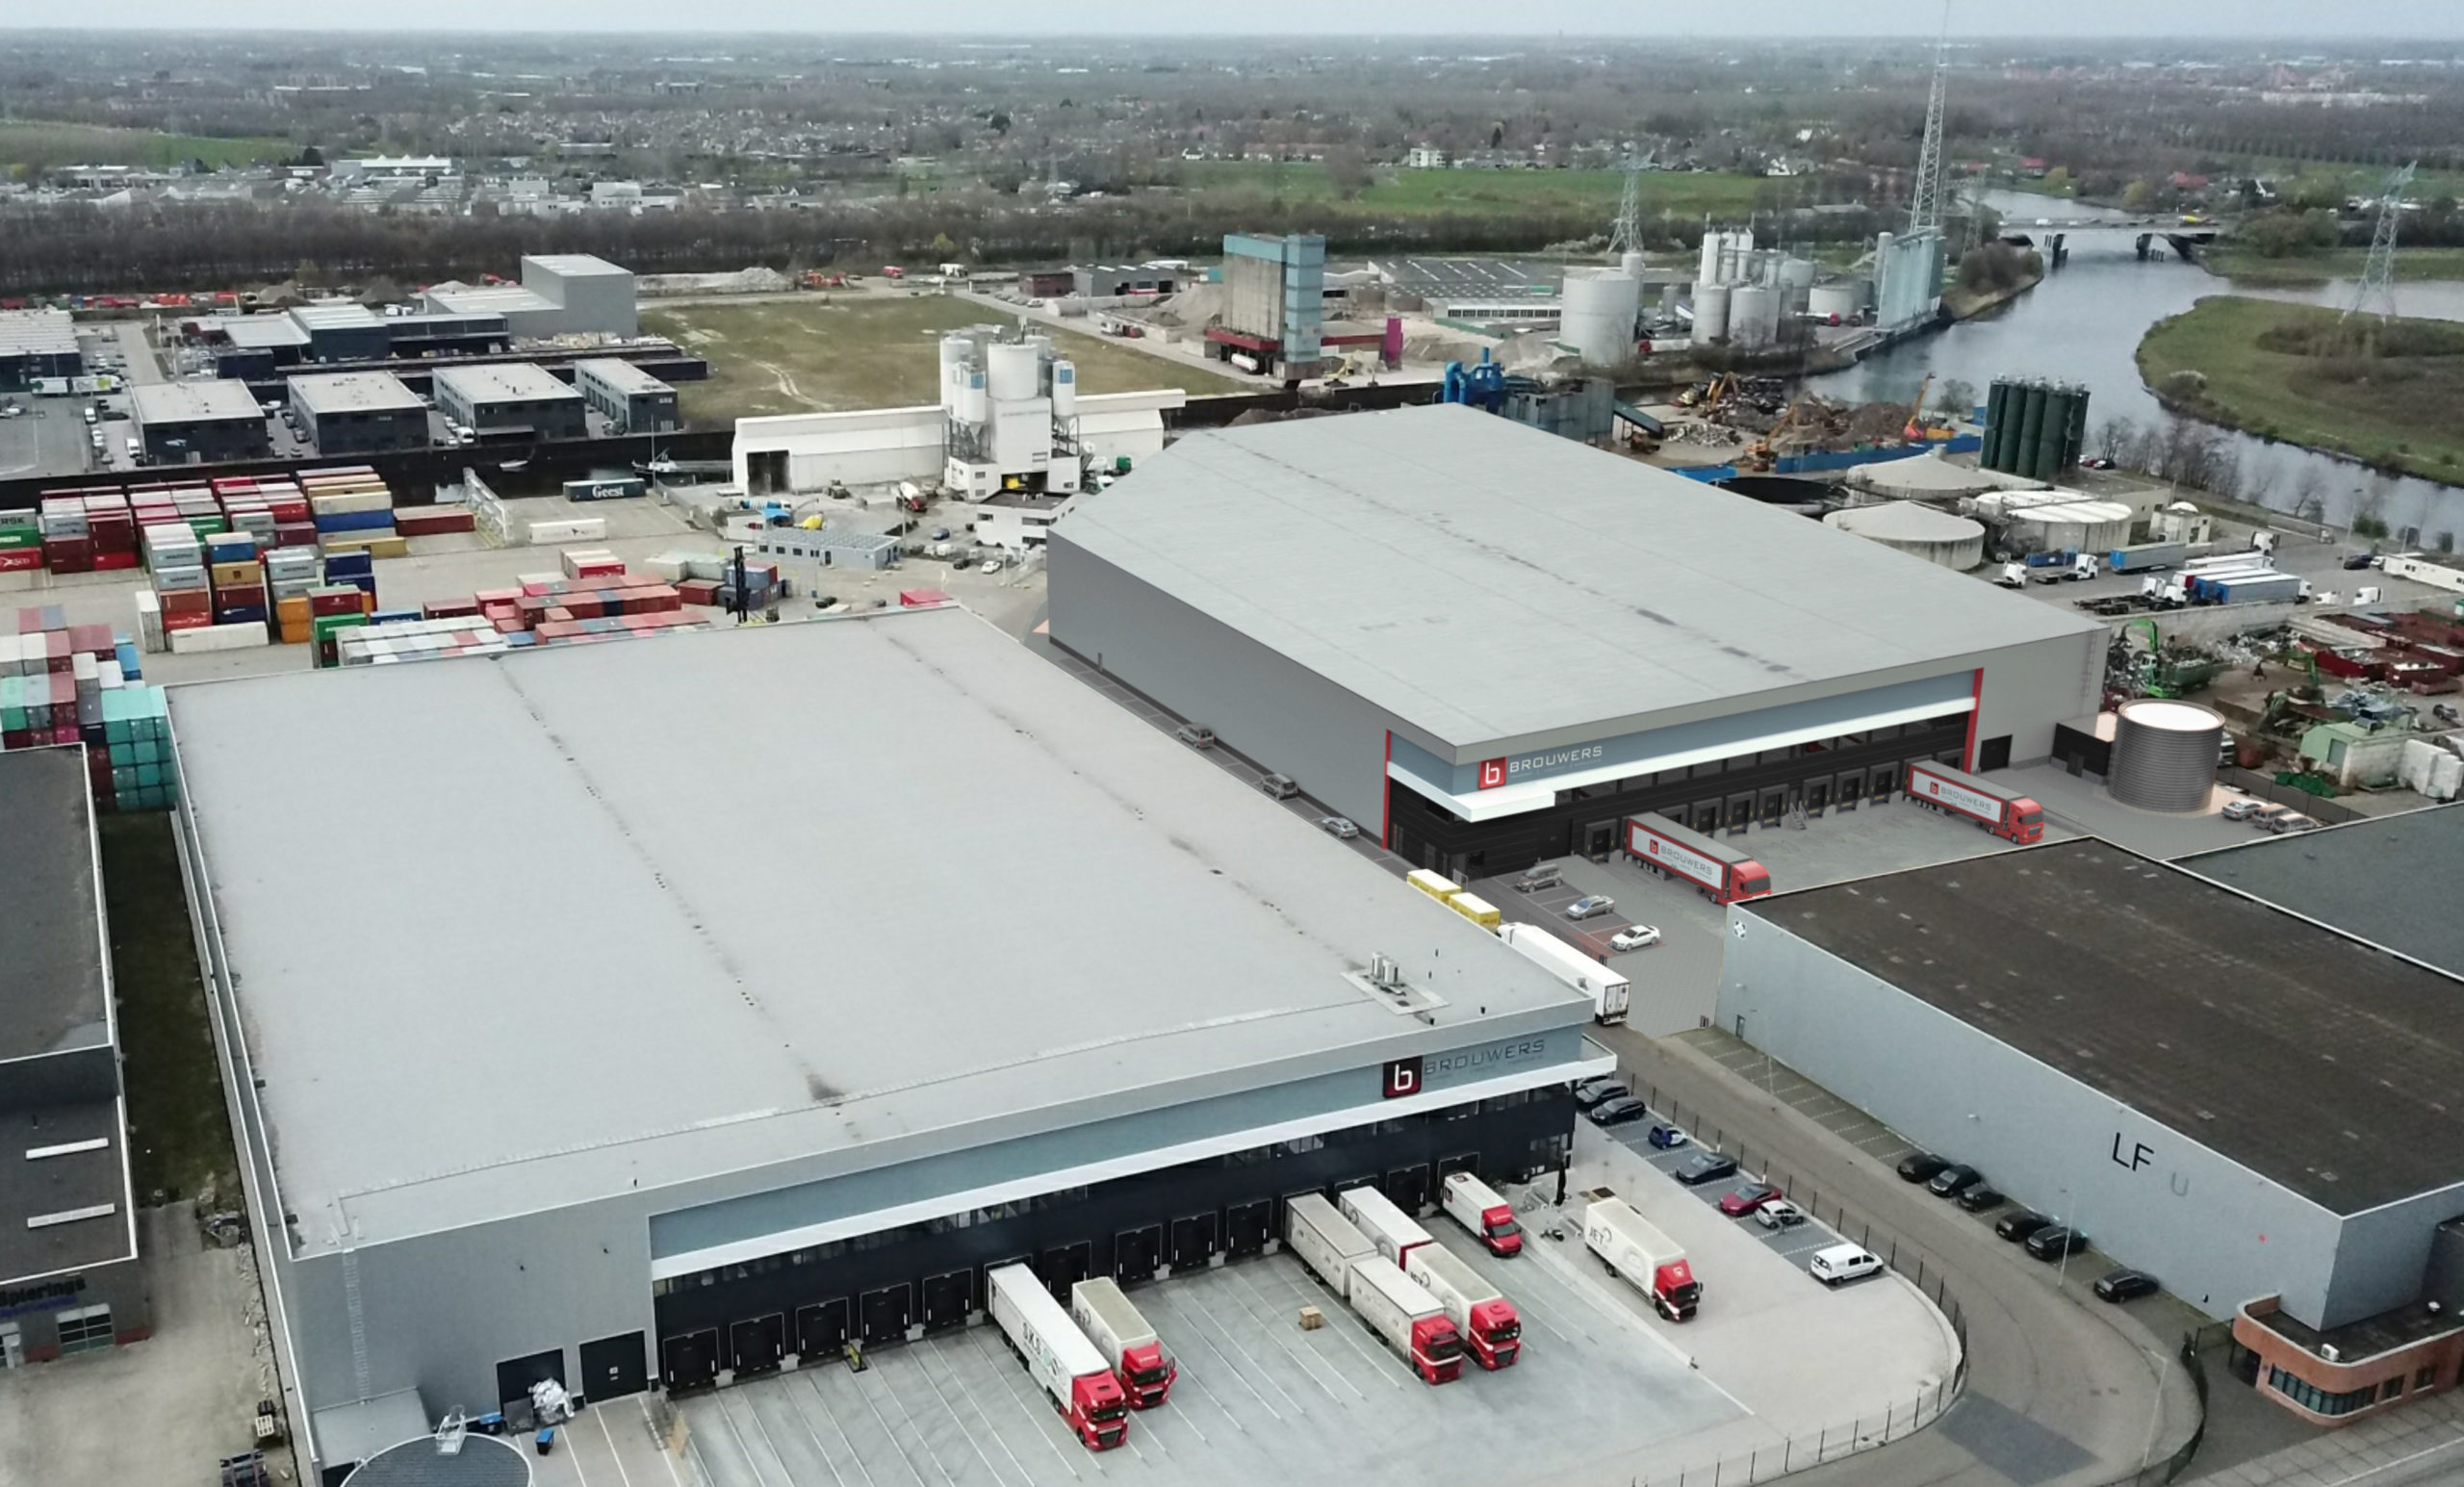 VDG verkoopt twee warehouses aan Savills Invest Management voor 26 miljoen euro